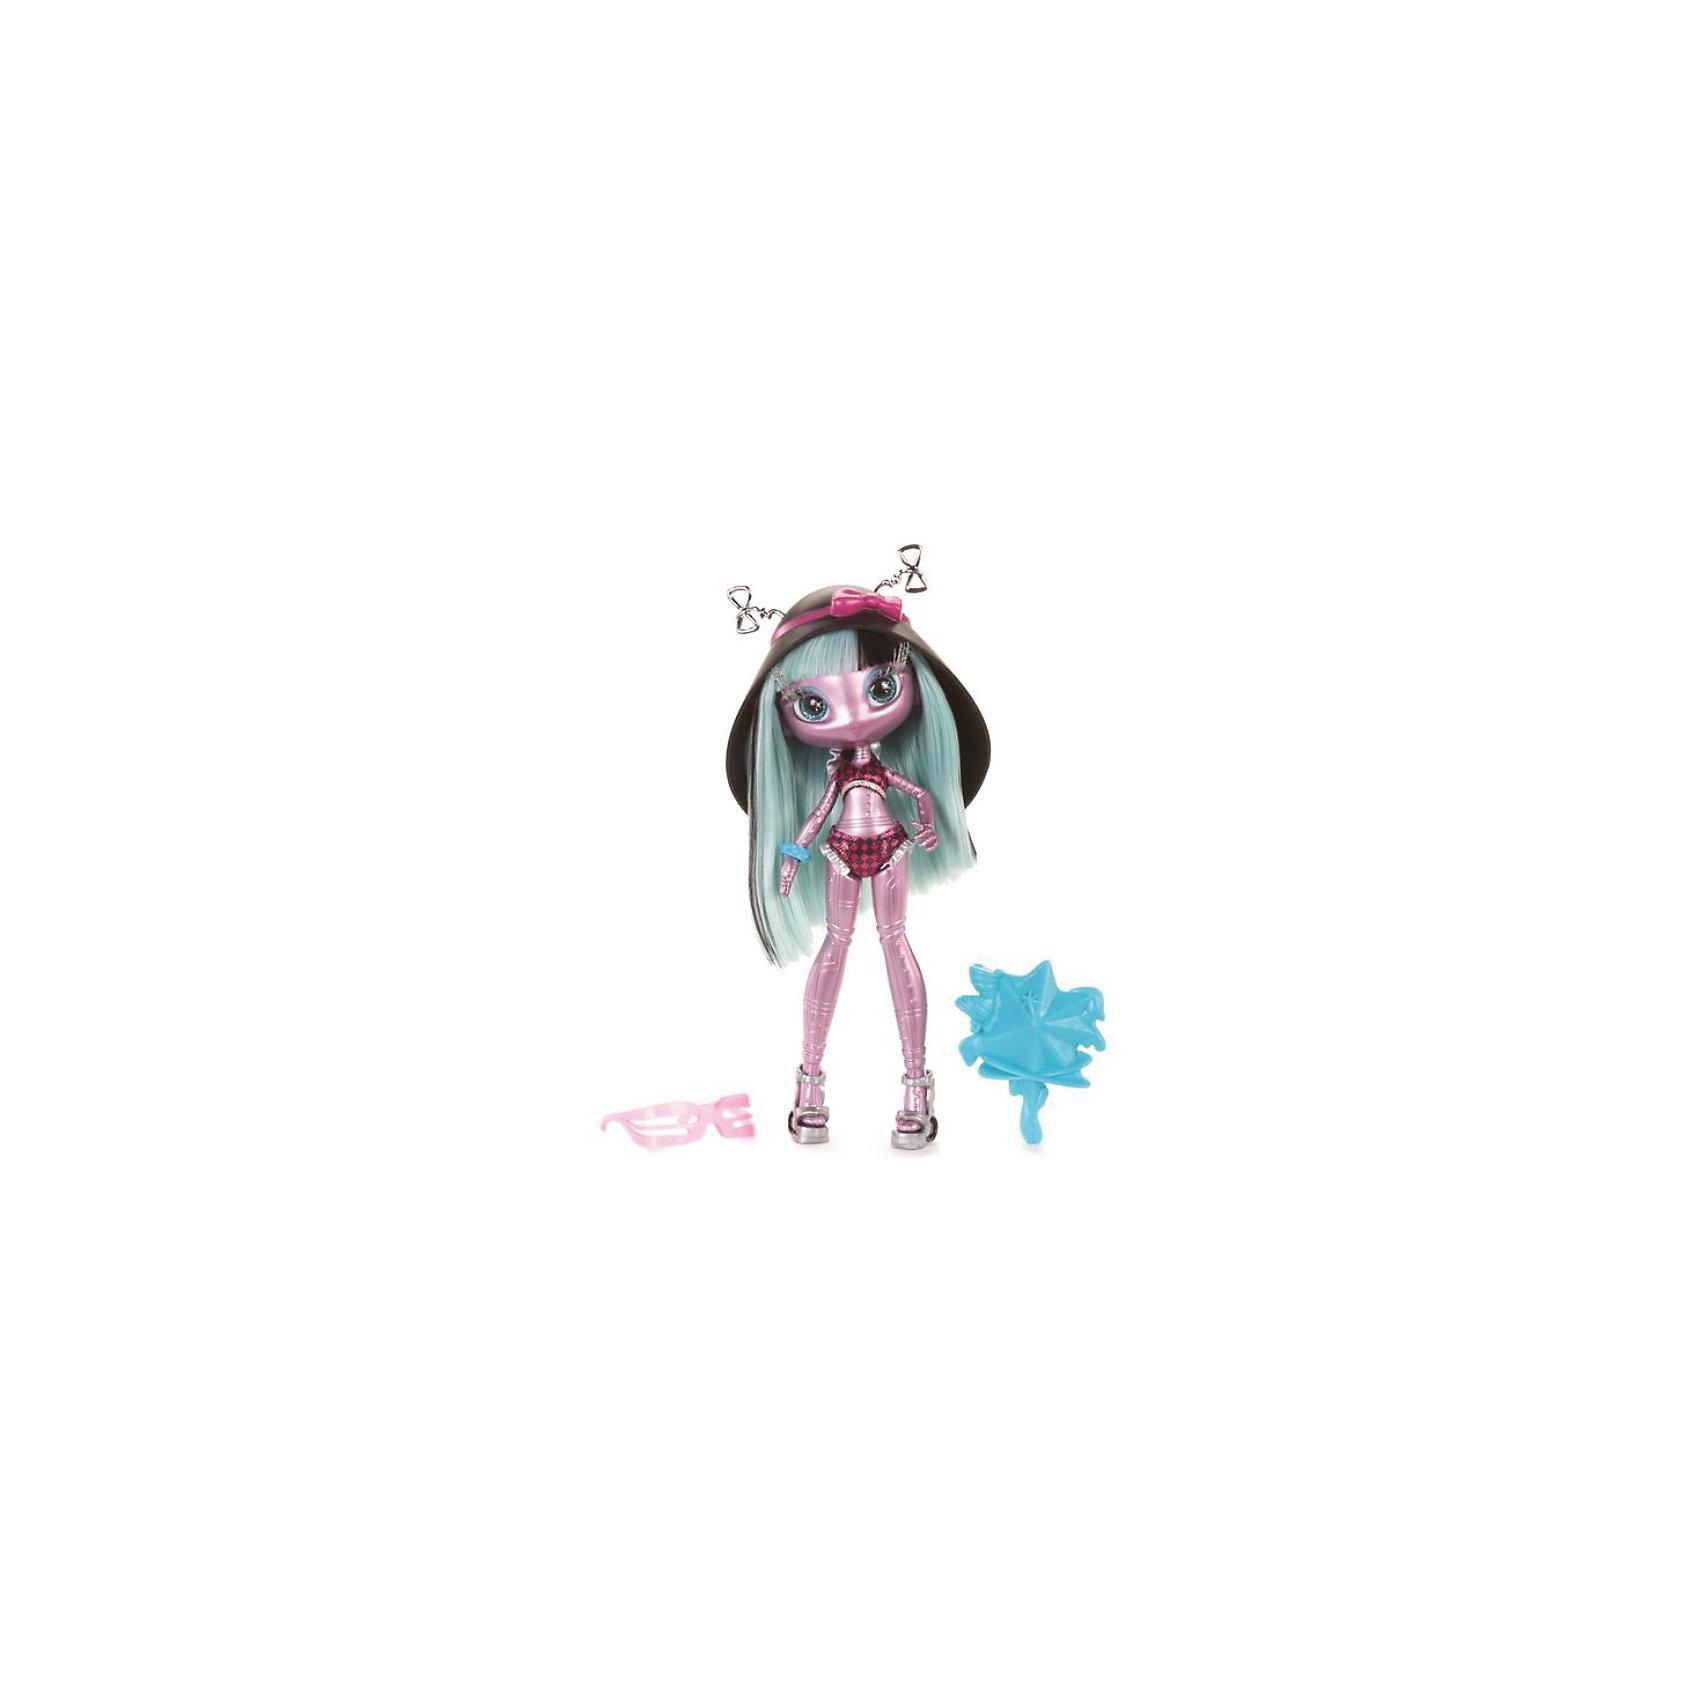 Кукла Mae Tallick: Пляжная вечеринка, Novi StarsНеобычная куколка-инопланетянка Mae Tallick от Novi Stars (Нови Старз) станет замечательным и оригинальным подарком для Вашей девочки. У космической красавицы длинные роскошные голубые волосы с черными прядями, которые можно расчесывать и укладывать в разные прически. Куколка-пришелец собралась посетить пляжную вечеринку, поэтому оделась в клетчатый купальный костюм и большую черную шляпу с пружинками-антеннами. <br>В комплект также входят звездные очки и астрономическая шляпа.<br><br>Дополнительная информация:<br><br>- В комплекте: кукла, космический пляжный костюм, звездные очки, астрономическая шляпа.<br>- Материал: пластик, текстиль. <br>- Высота куклы: 17 см.<br>- Размер упаковки: 22 х 28 х 7 см.<br>- Вес: 0,3 кг.<br><br>Куклу Mae Tallick: Пляжная вечеринка Novi Stars (Нови Старз) можно купить в нашем интернет-магазине.<br><br>Ширина мм: 125<br>Глубина мм: 70<br>Высота мм: 280<br>Вес г: 318<br>Возраст от месяцев: 72<br>Возраст до месяцев: 120<br>Пол: Женский<br>Возраст: Детский<br>SKU: 3609361